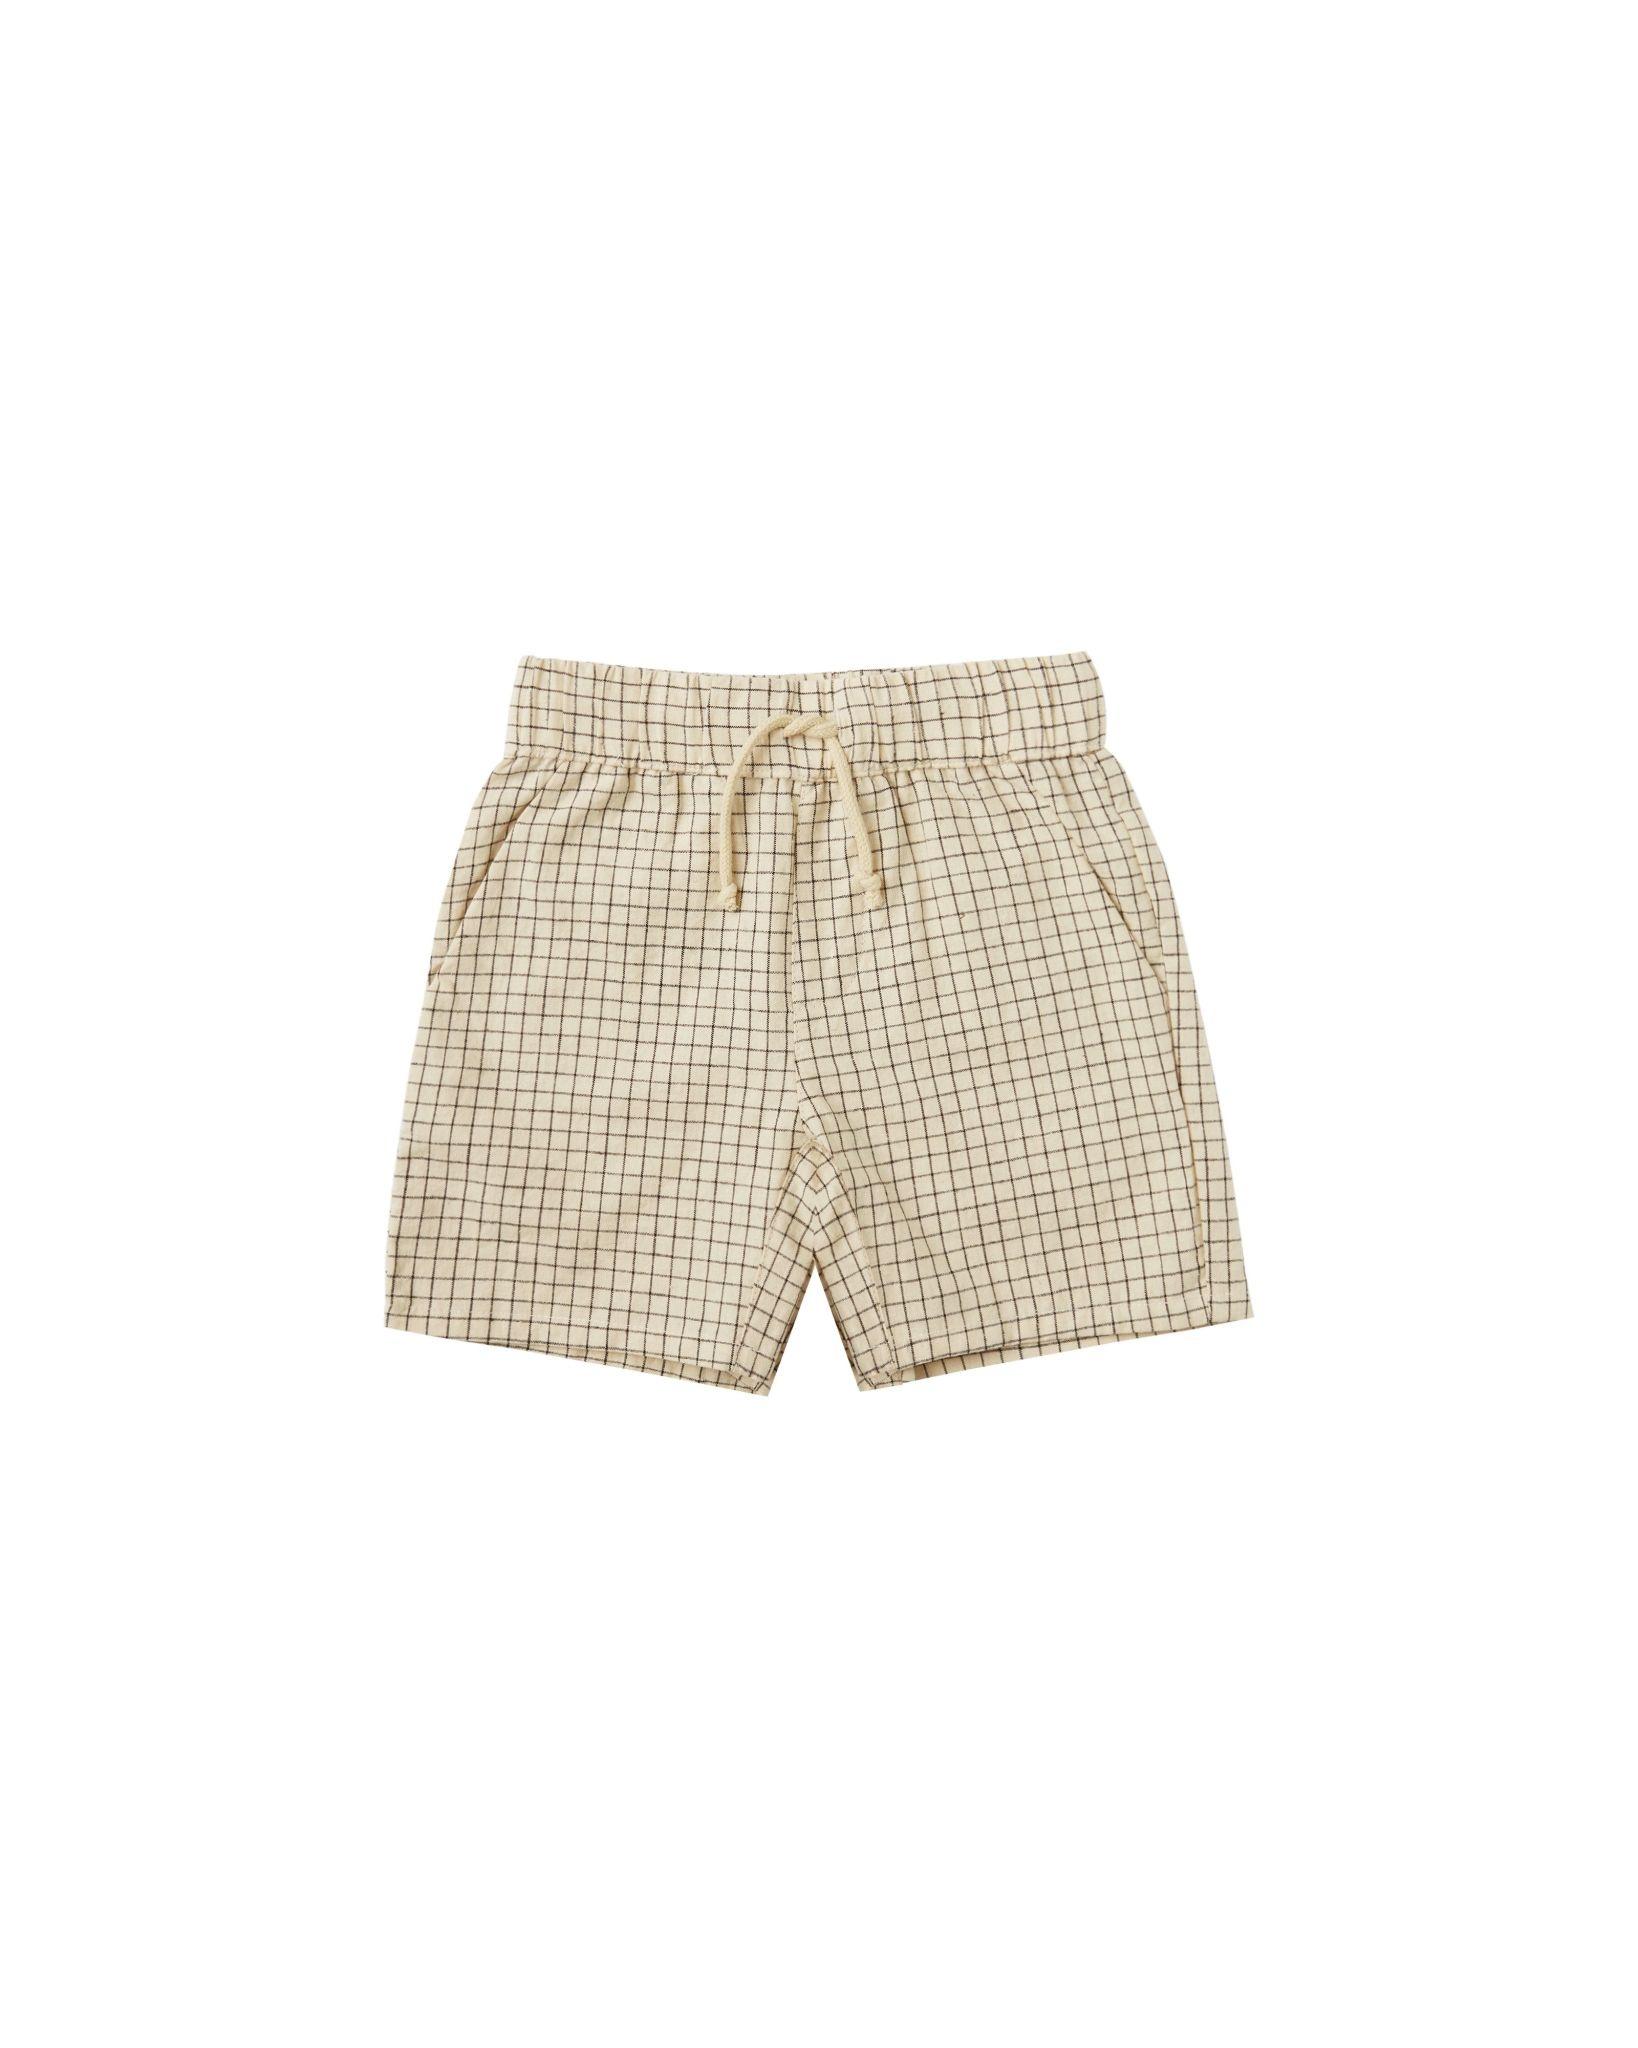 RYLEE AND CRU Grid Bermuda Shorts